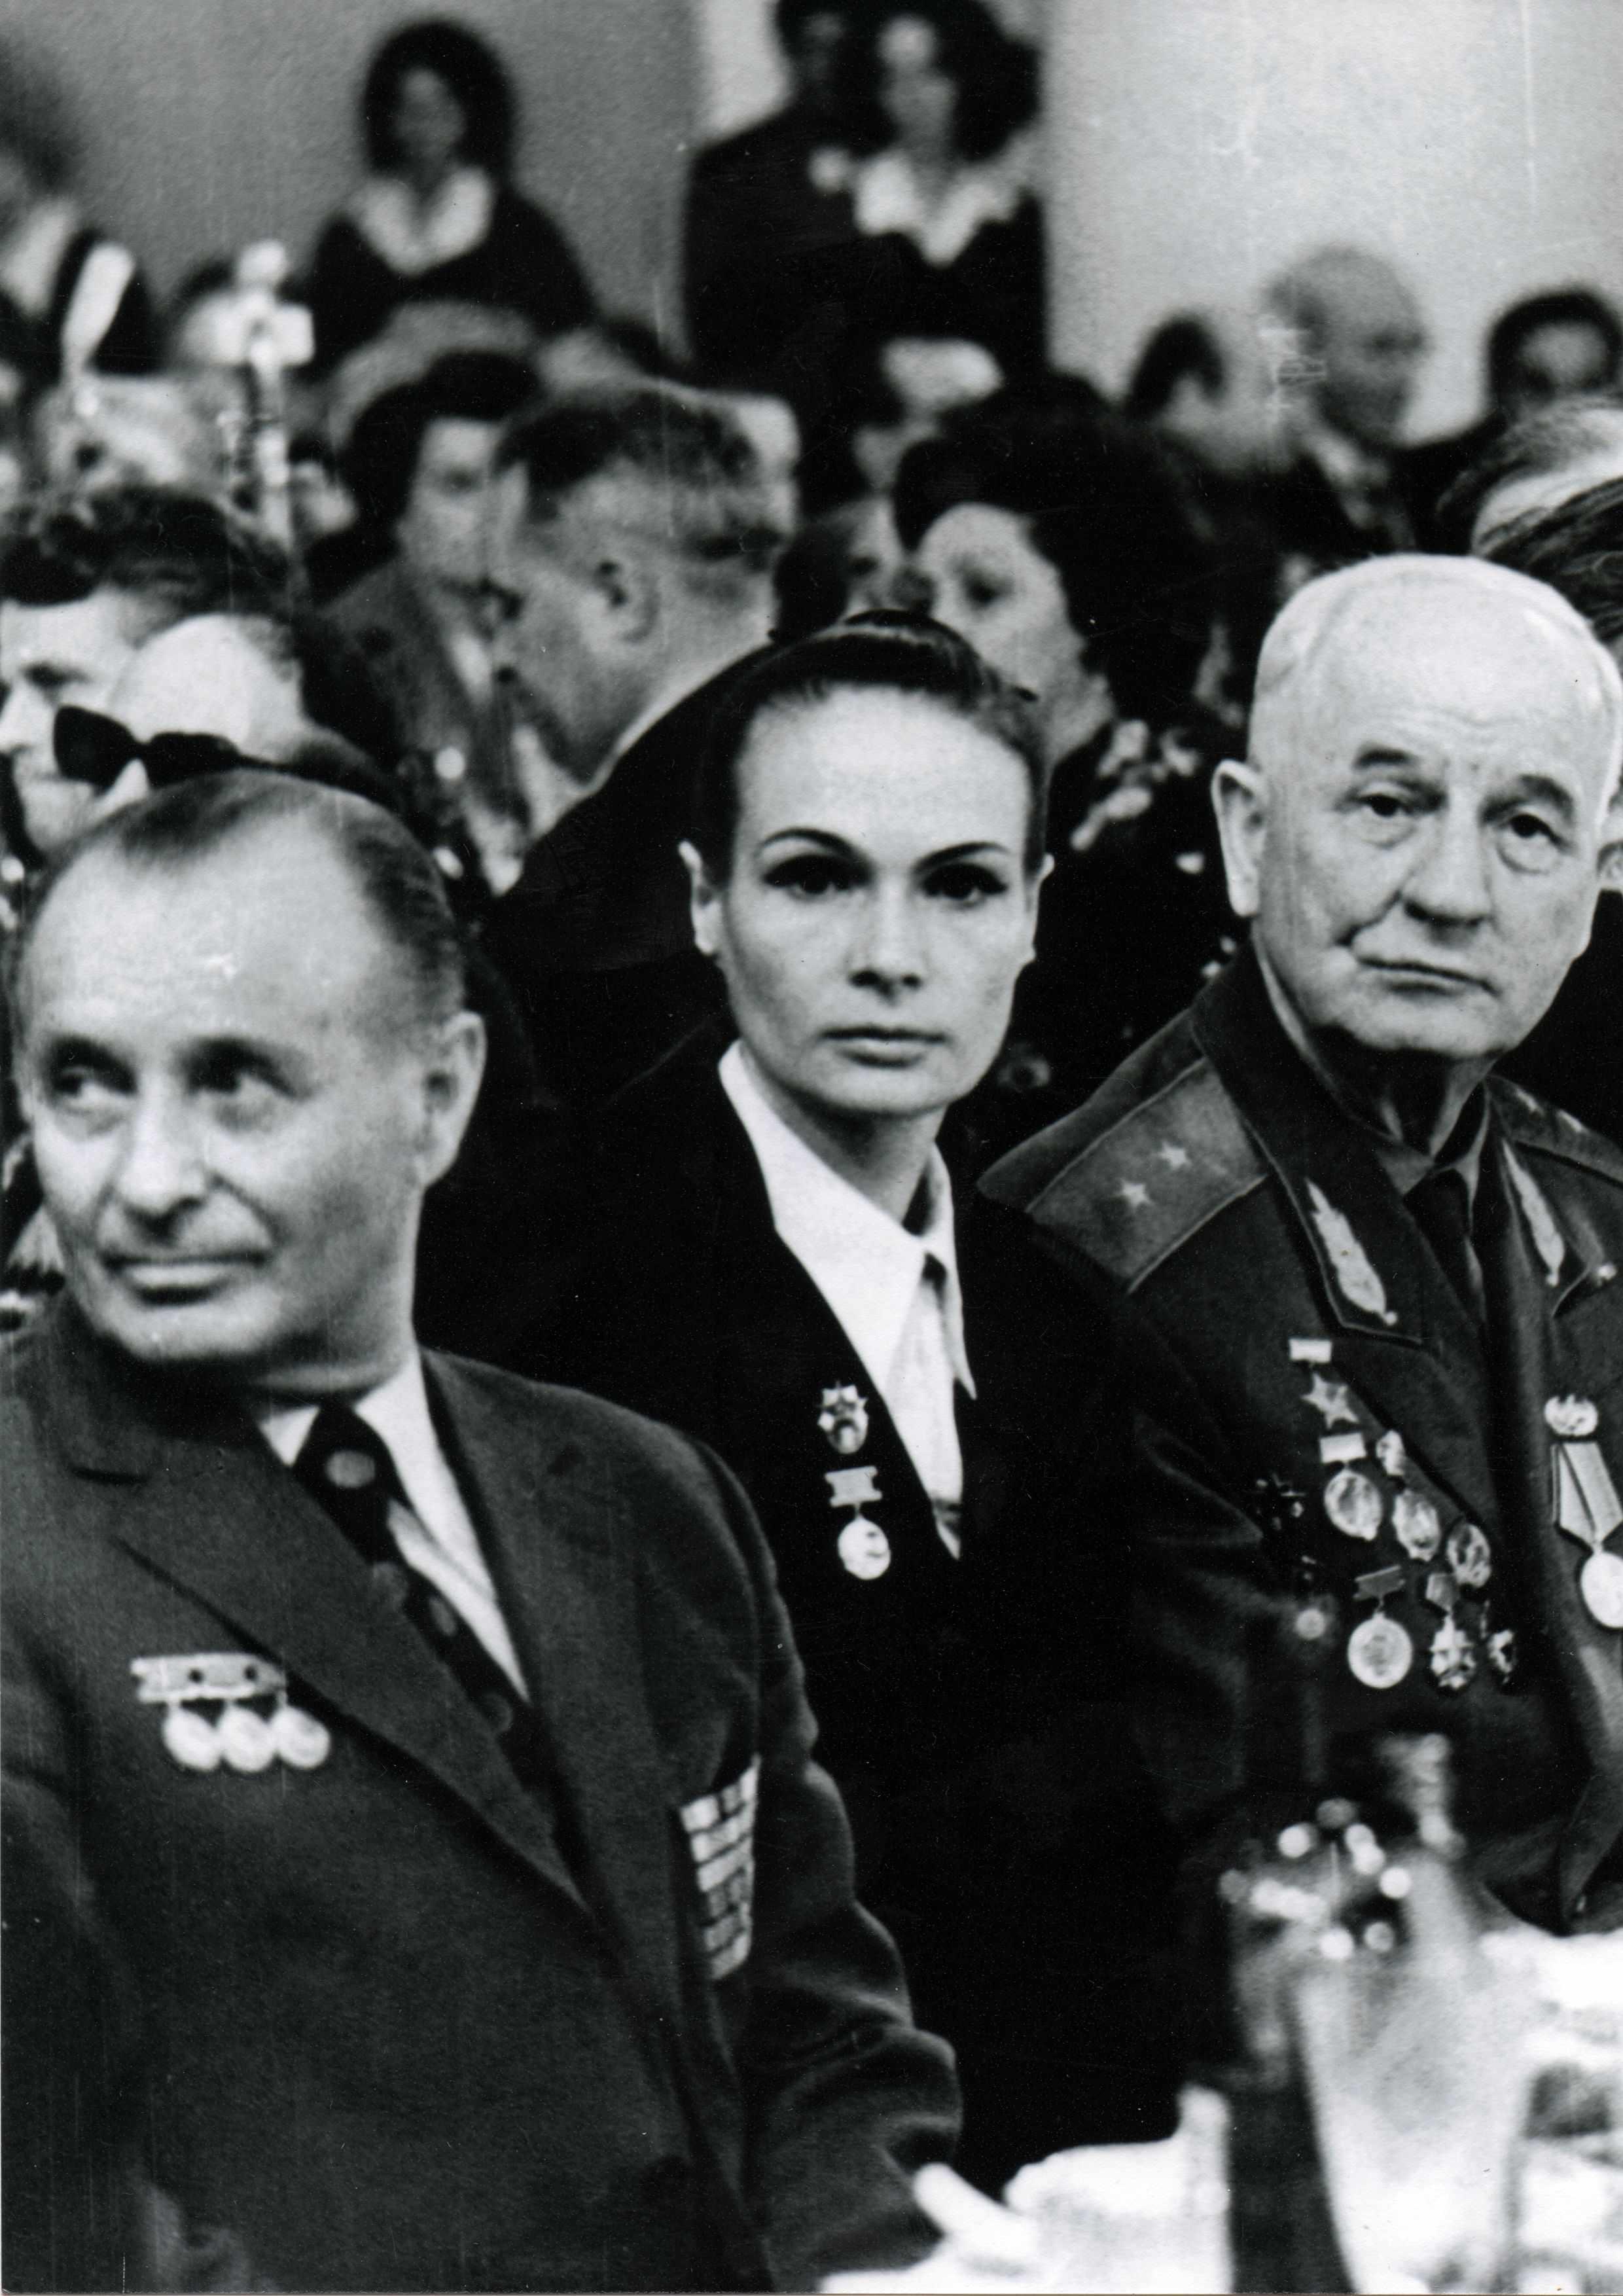 Экспонат #105. Владислав Микоша и Джемма Микоша (Фирсова)